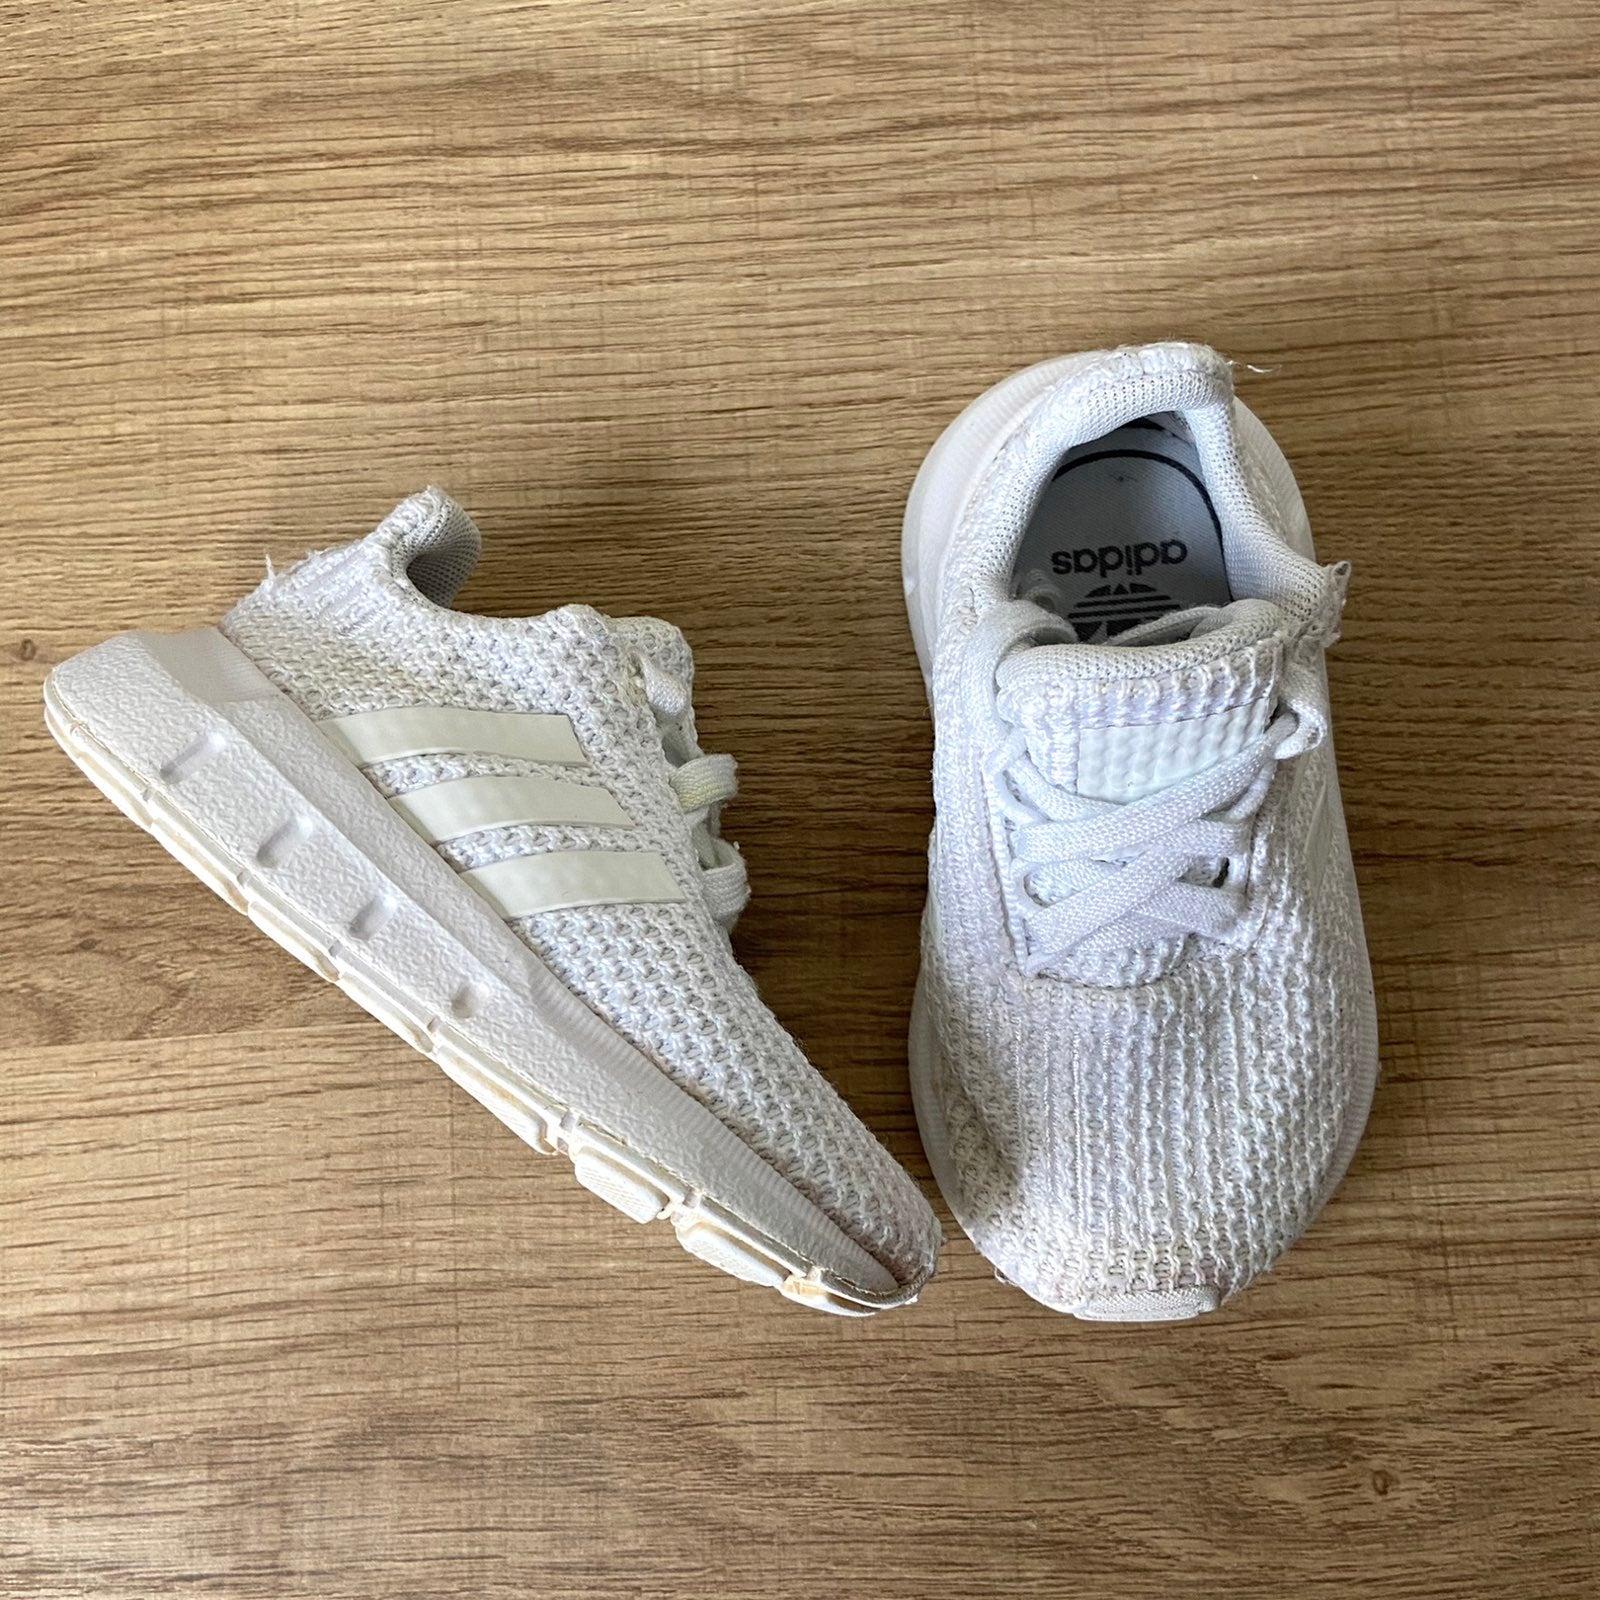 Adidas swift run sneakers white